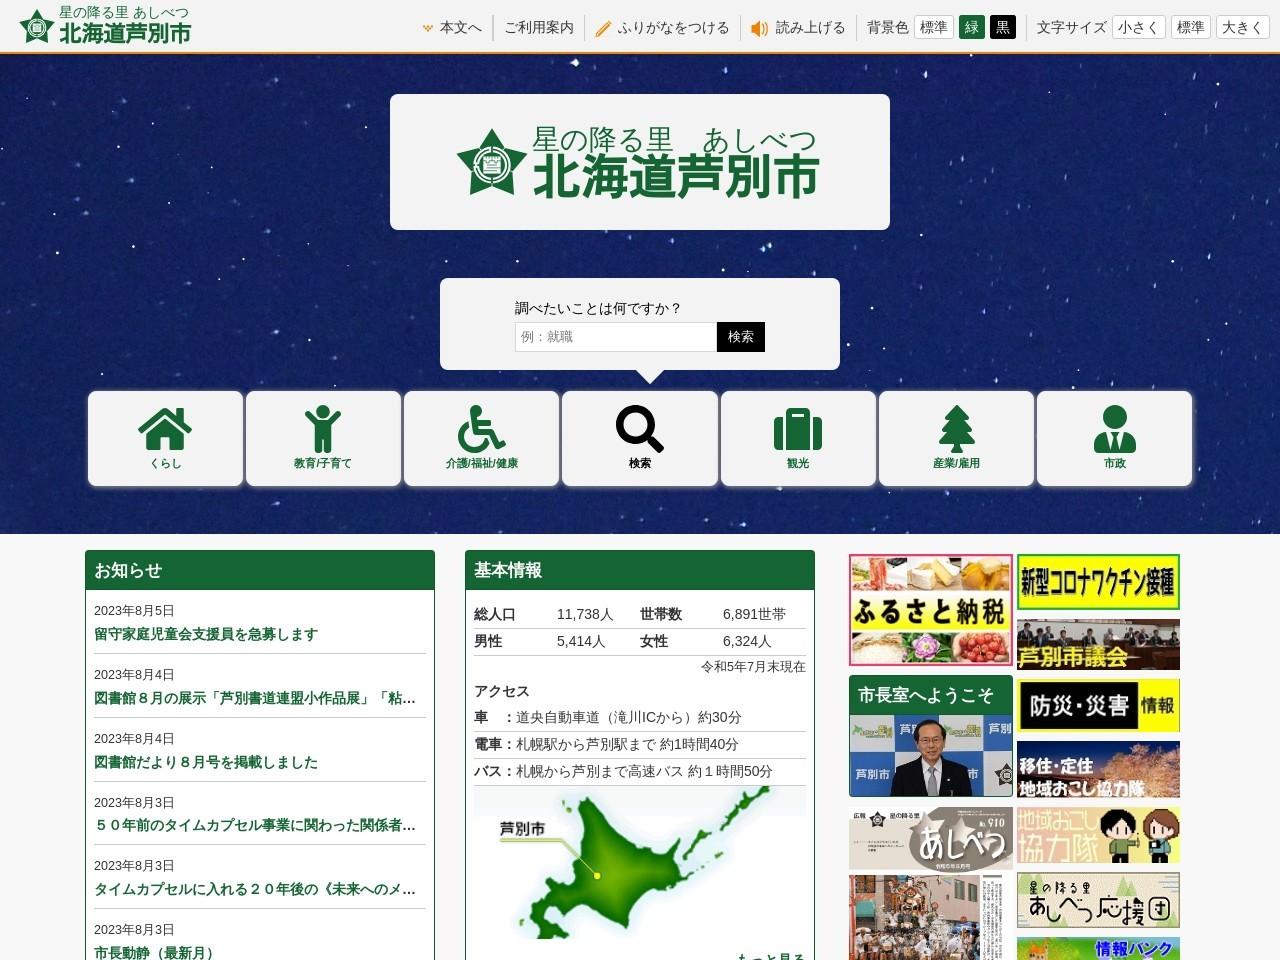 http://www.city.ashibetsu.hokkaido.jp/kikaku/kikaku/ashibetsu_kaso.html